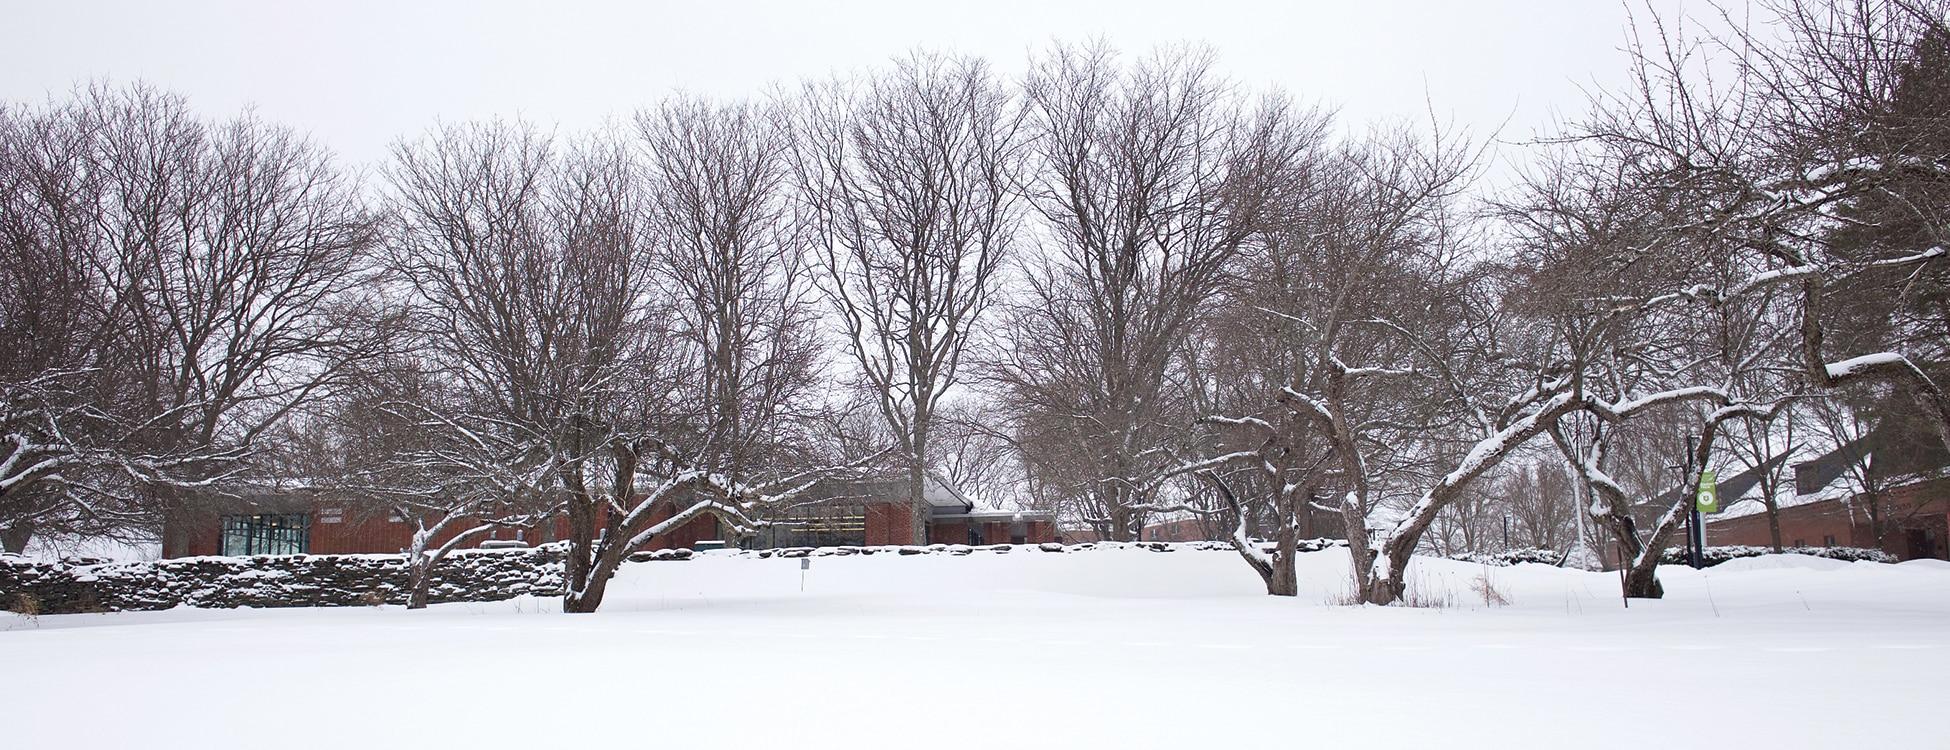 winter, snow, Randolph Center campus